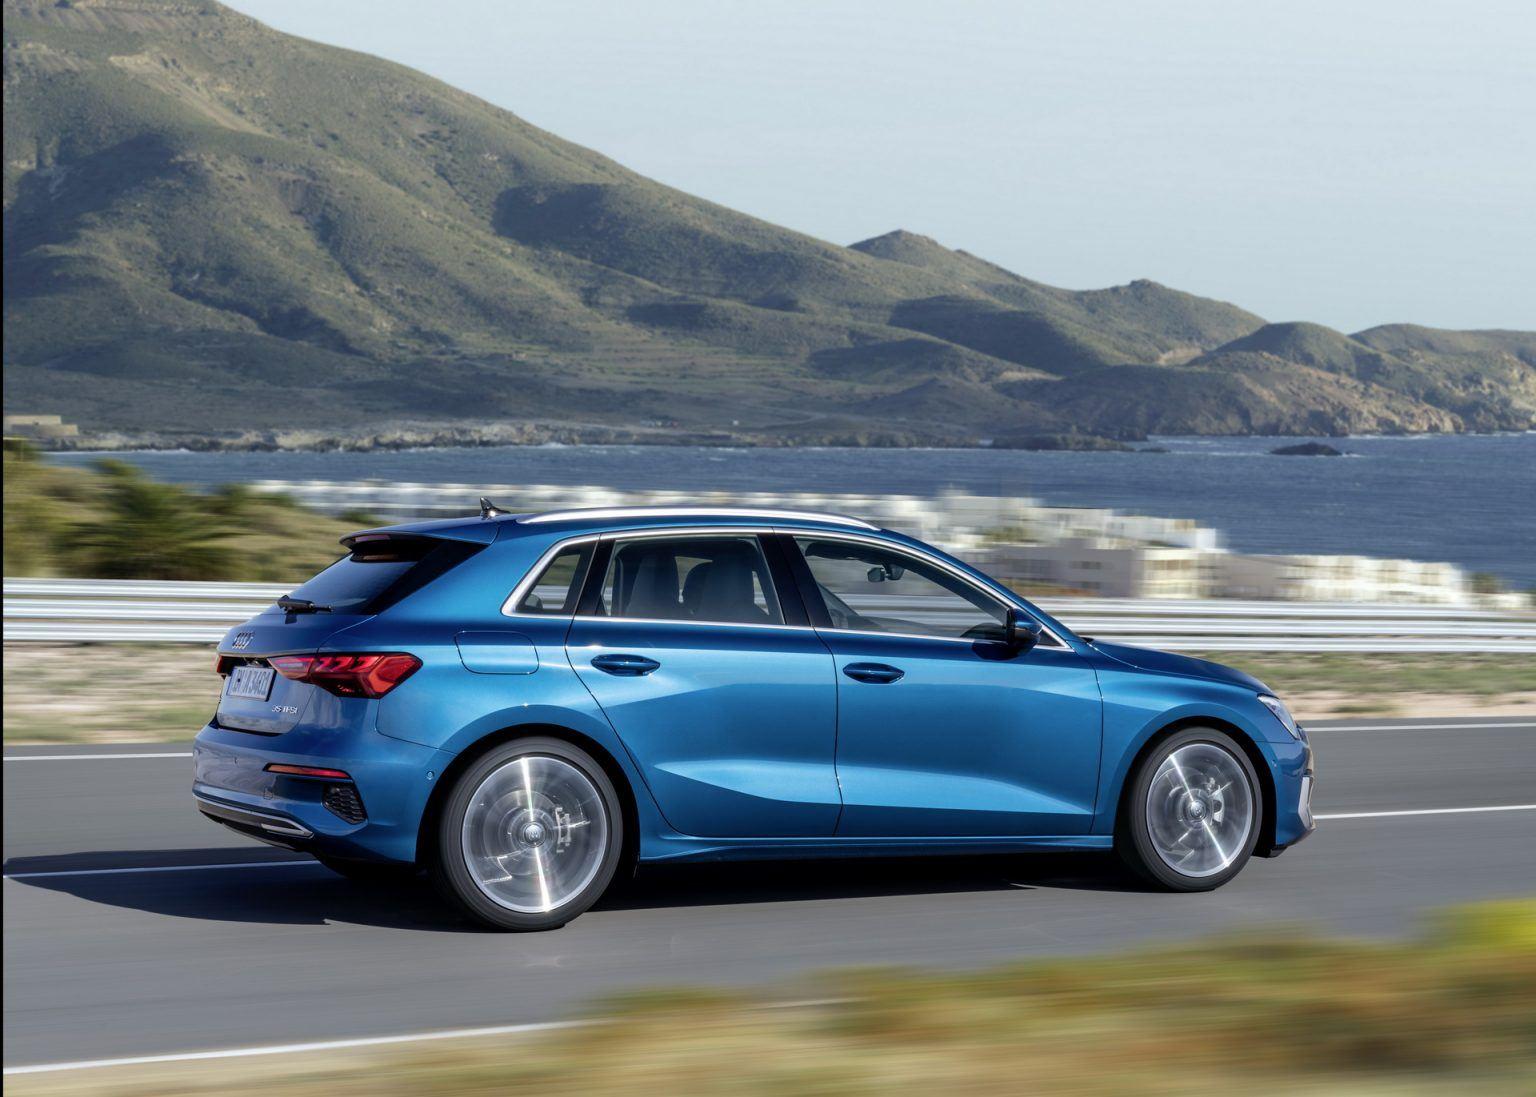 Kelebihan Kekurangan Audi A3 Sportback Perbandingan Harga